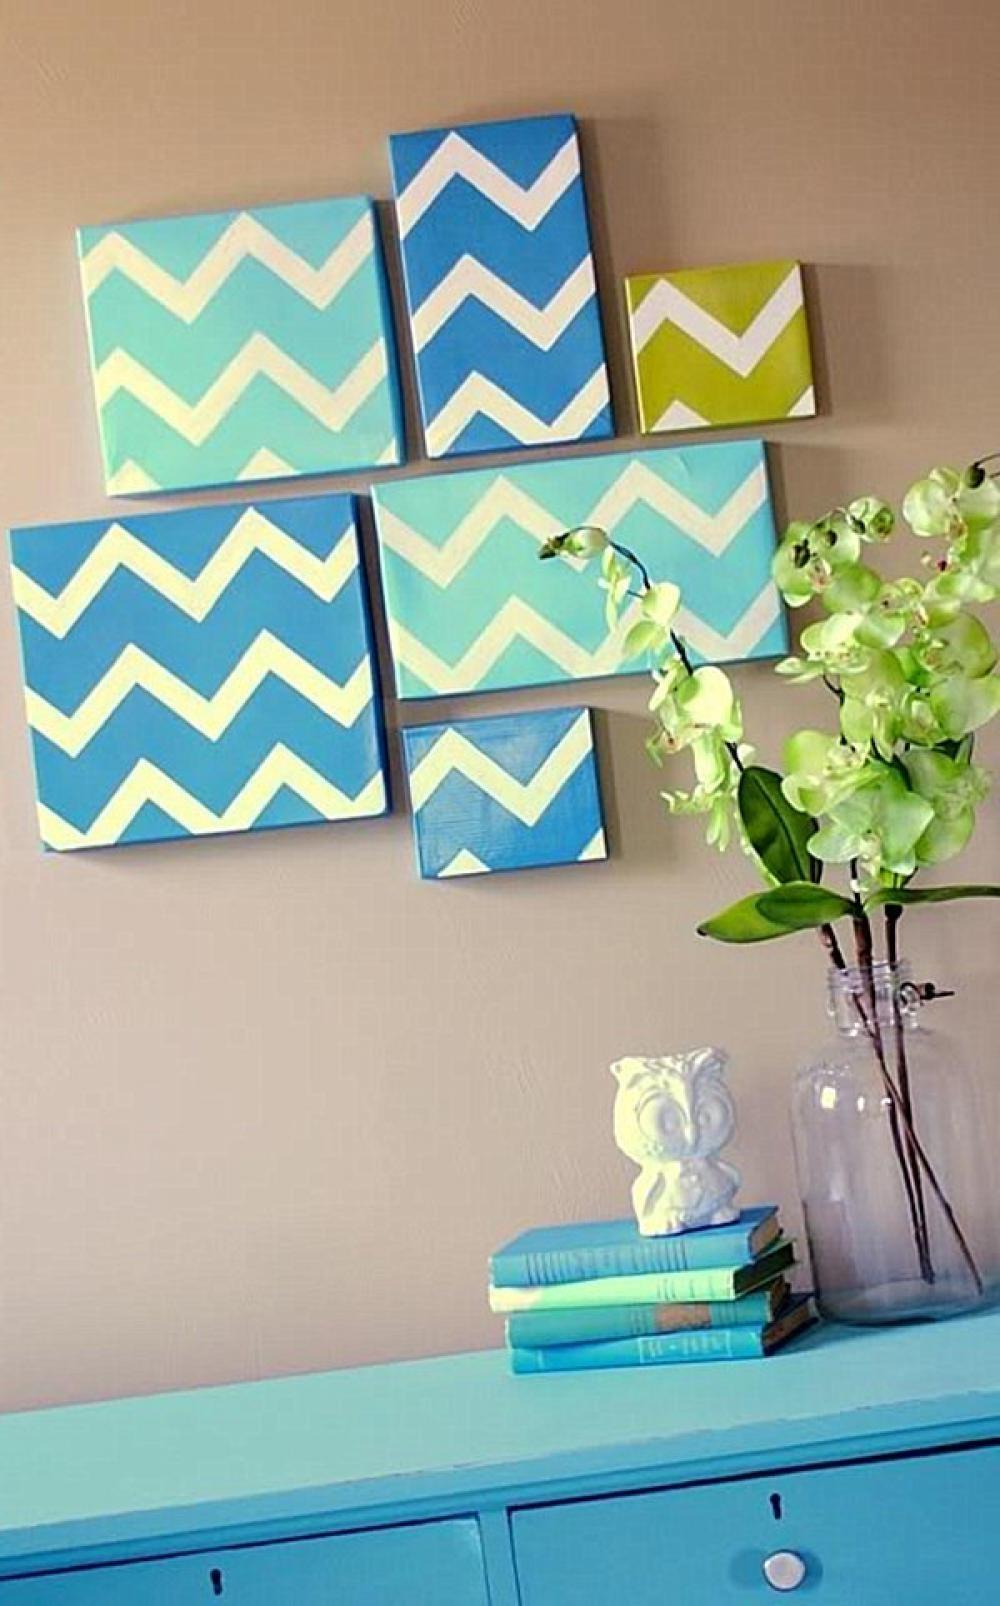 Elegance Modern Wall Art Decor | Jeffsbakery Basement & Mattress For Most Popular Diy Wall Accents (View 12 of 15)